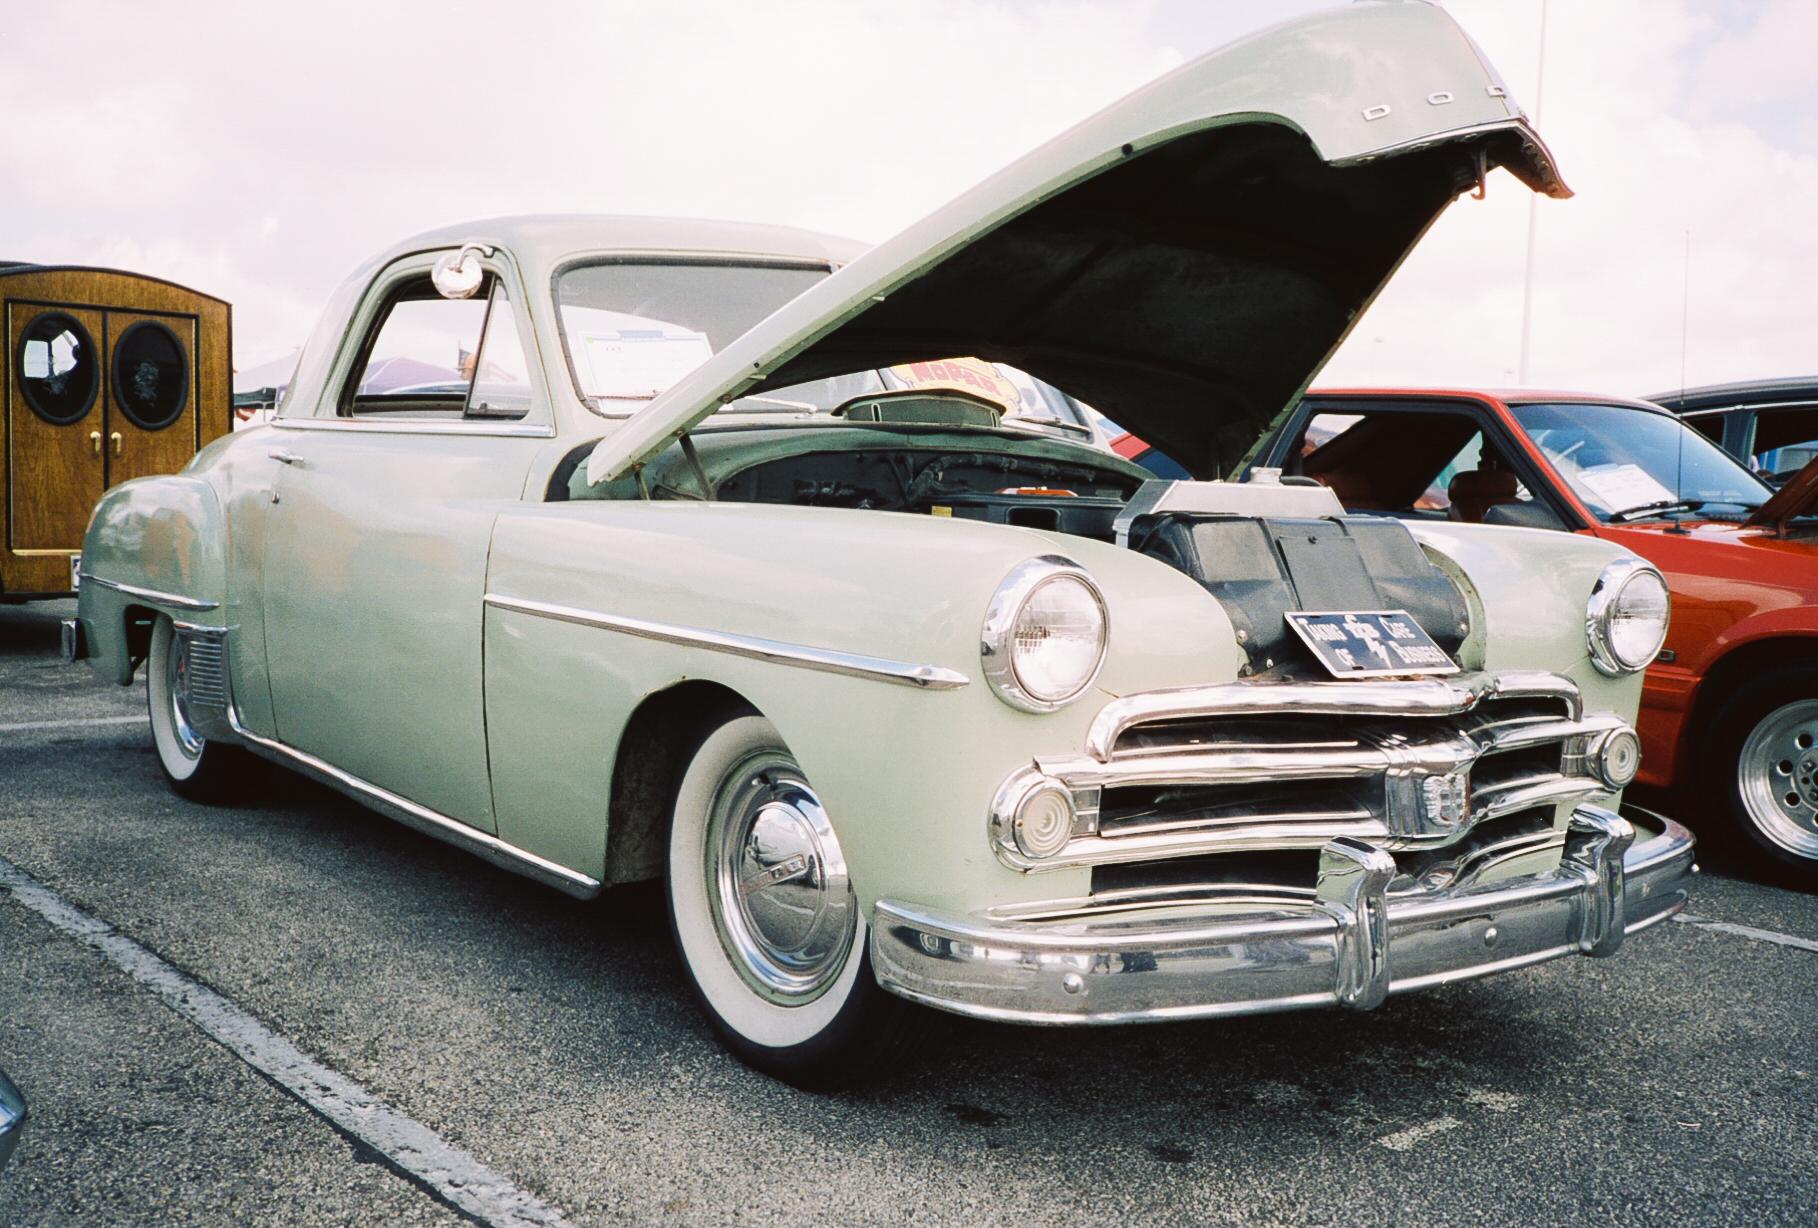 hutto-car-show-xa2-015.jpg